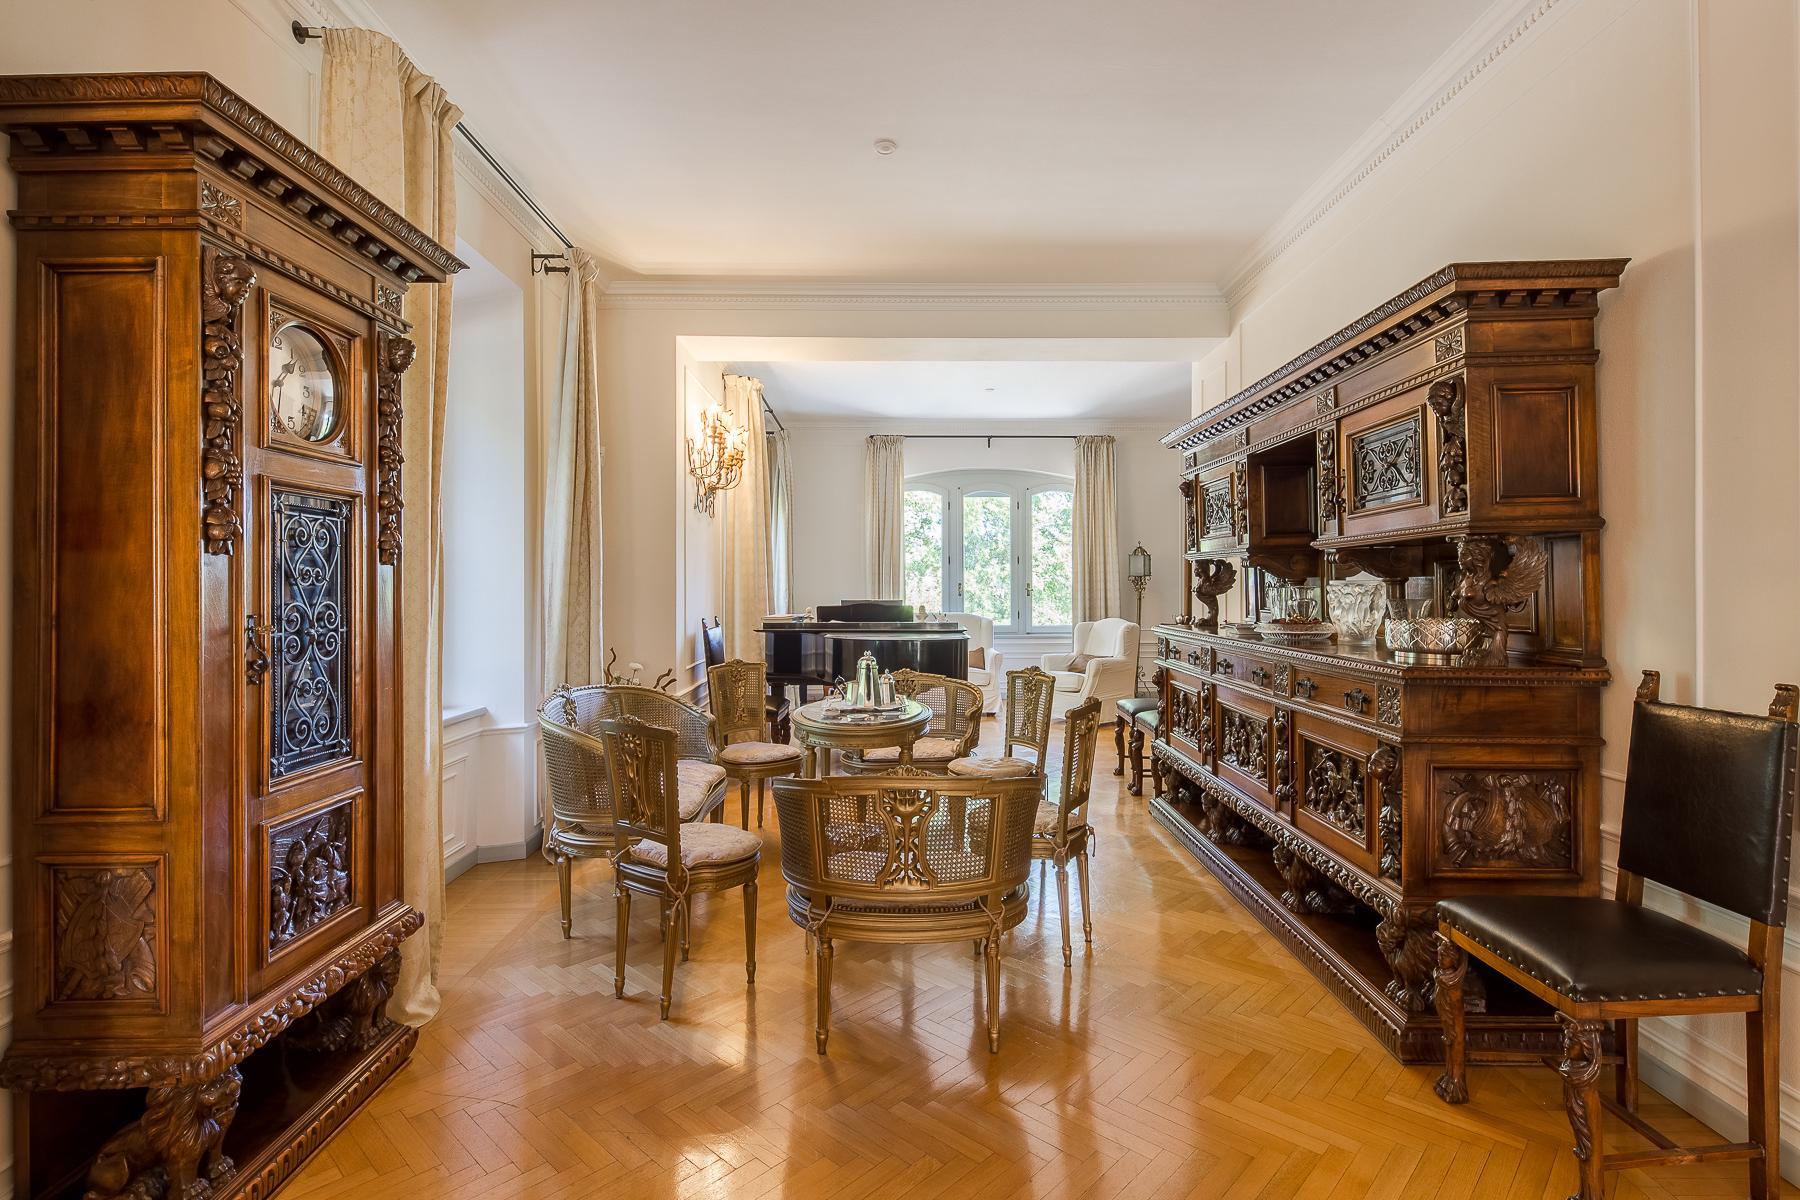 Magnifica villa d'epoca in Salsomaggiore Terme - 6